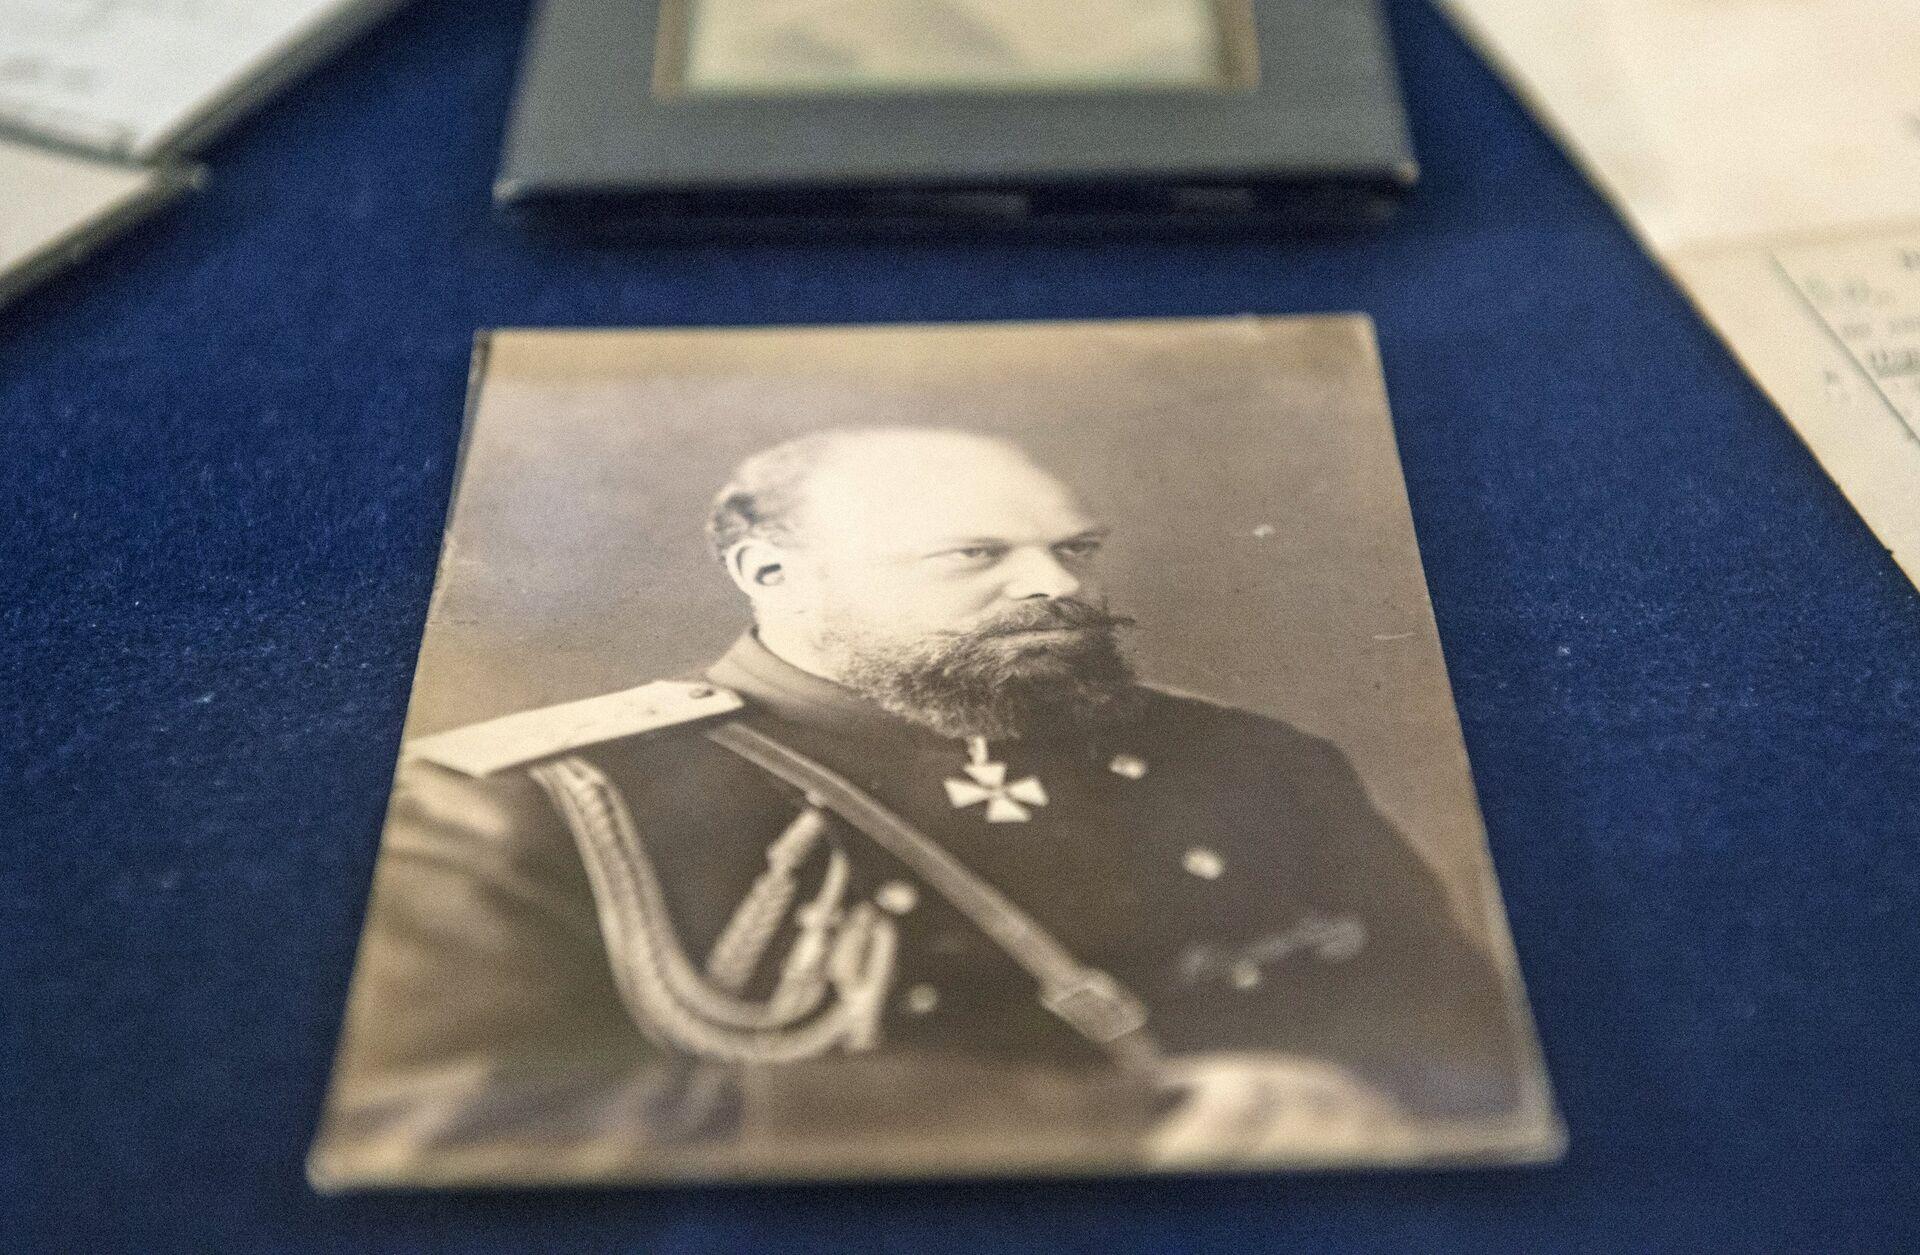 Фотография императора Александра III - документ из архива семьи Романовых, переданного музею-заповеднику Царское село - РИА Новости, 1920, 11.07.2021